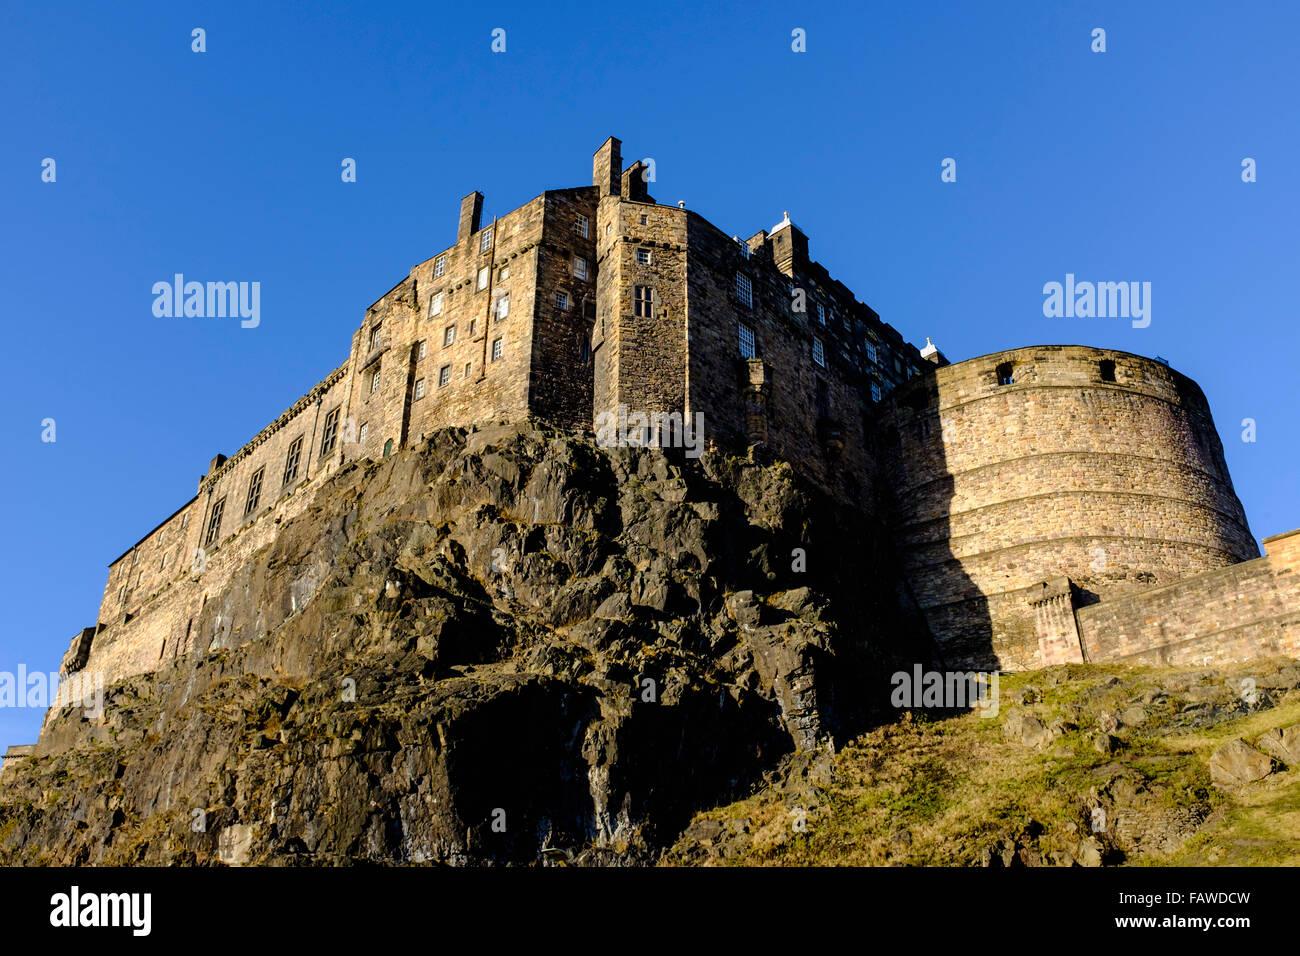 Vue sur le château d'Edimbourg sur ciel bleu winer jour en Ecosse Photo Stock